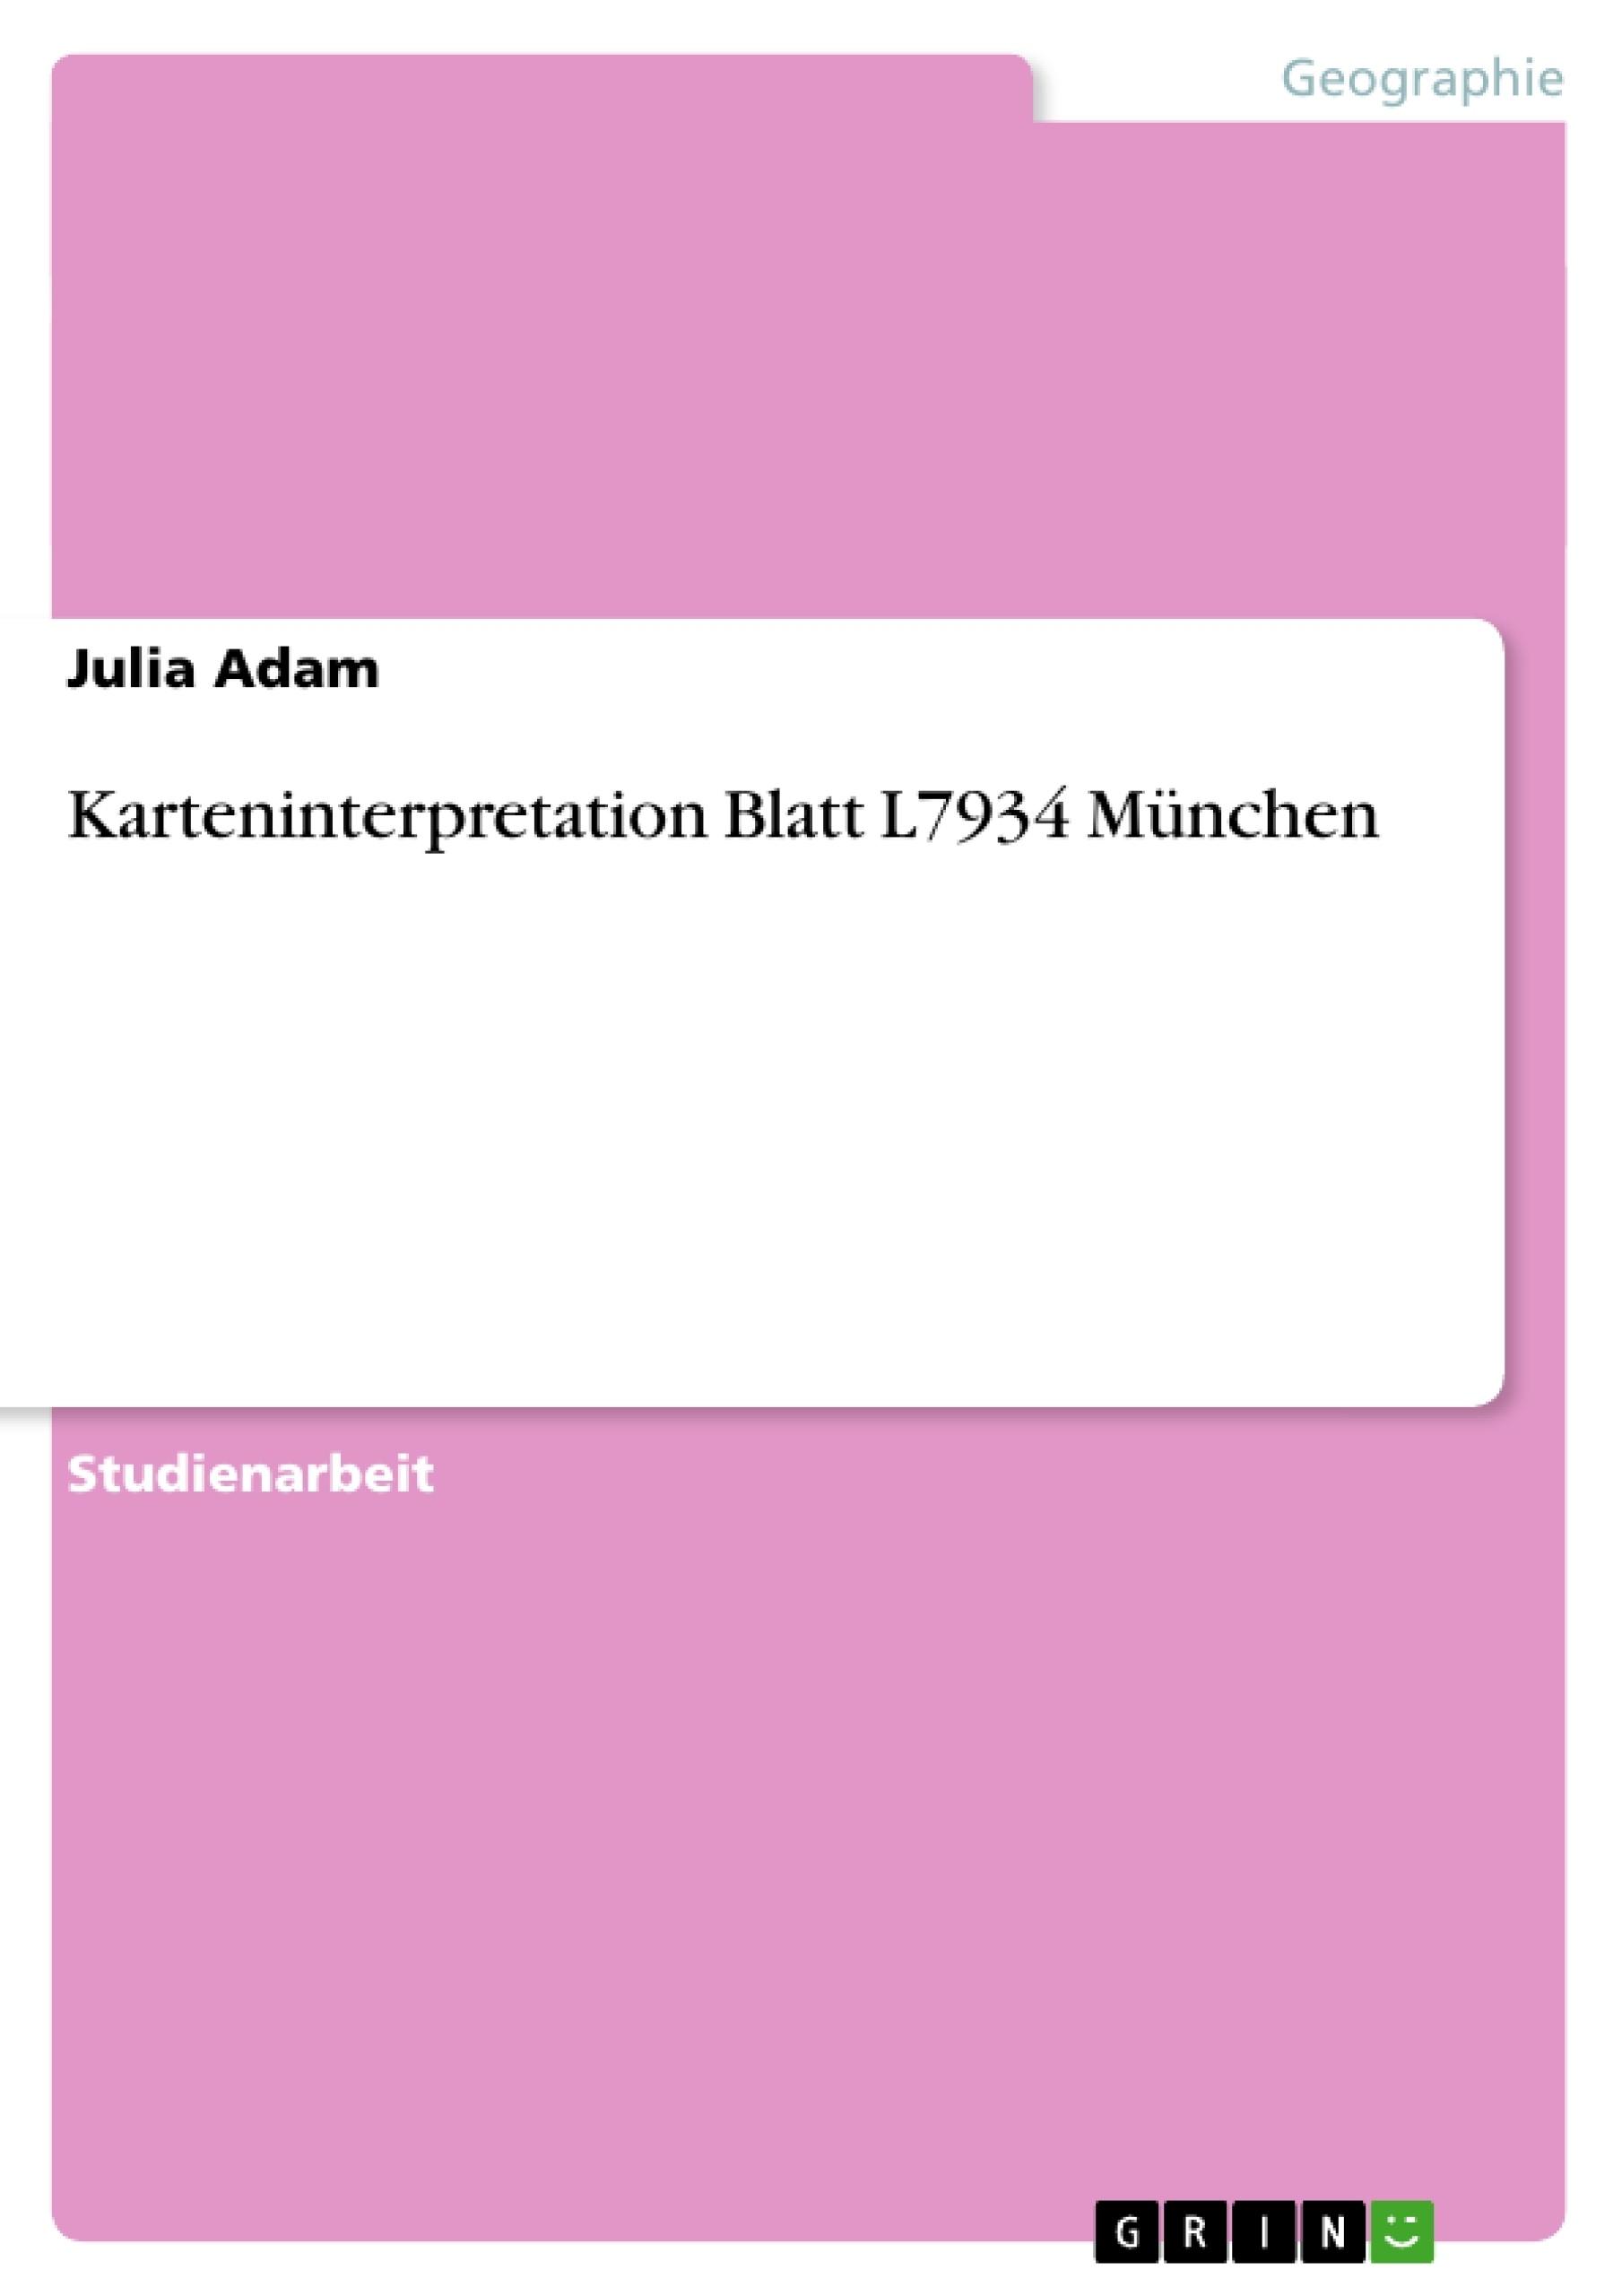 Titel: Karteninterpretation Blatt L7934 München